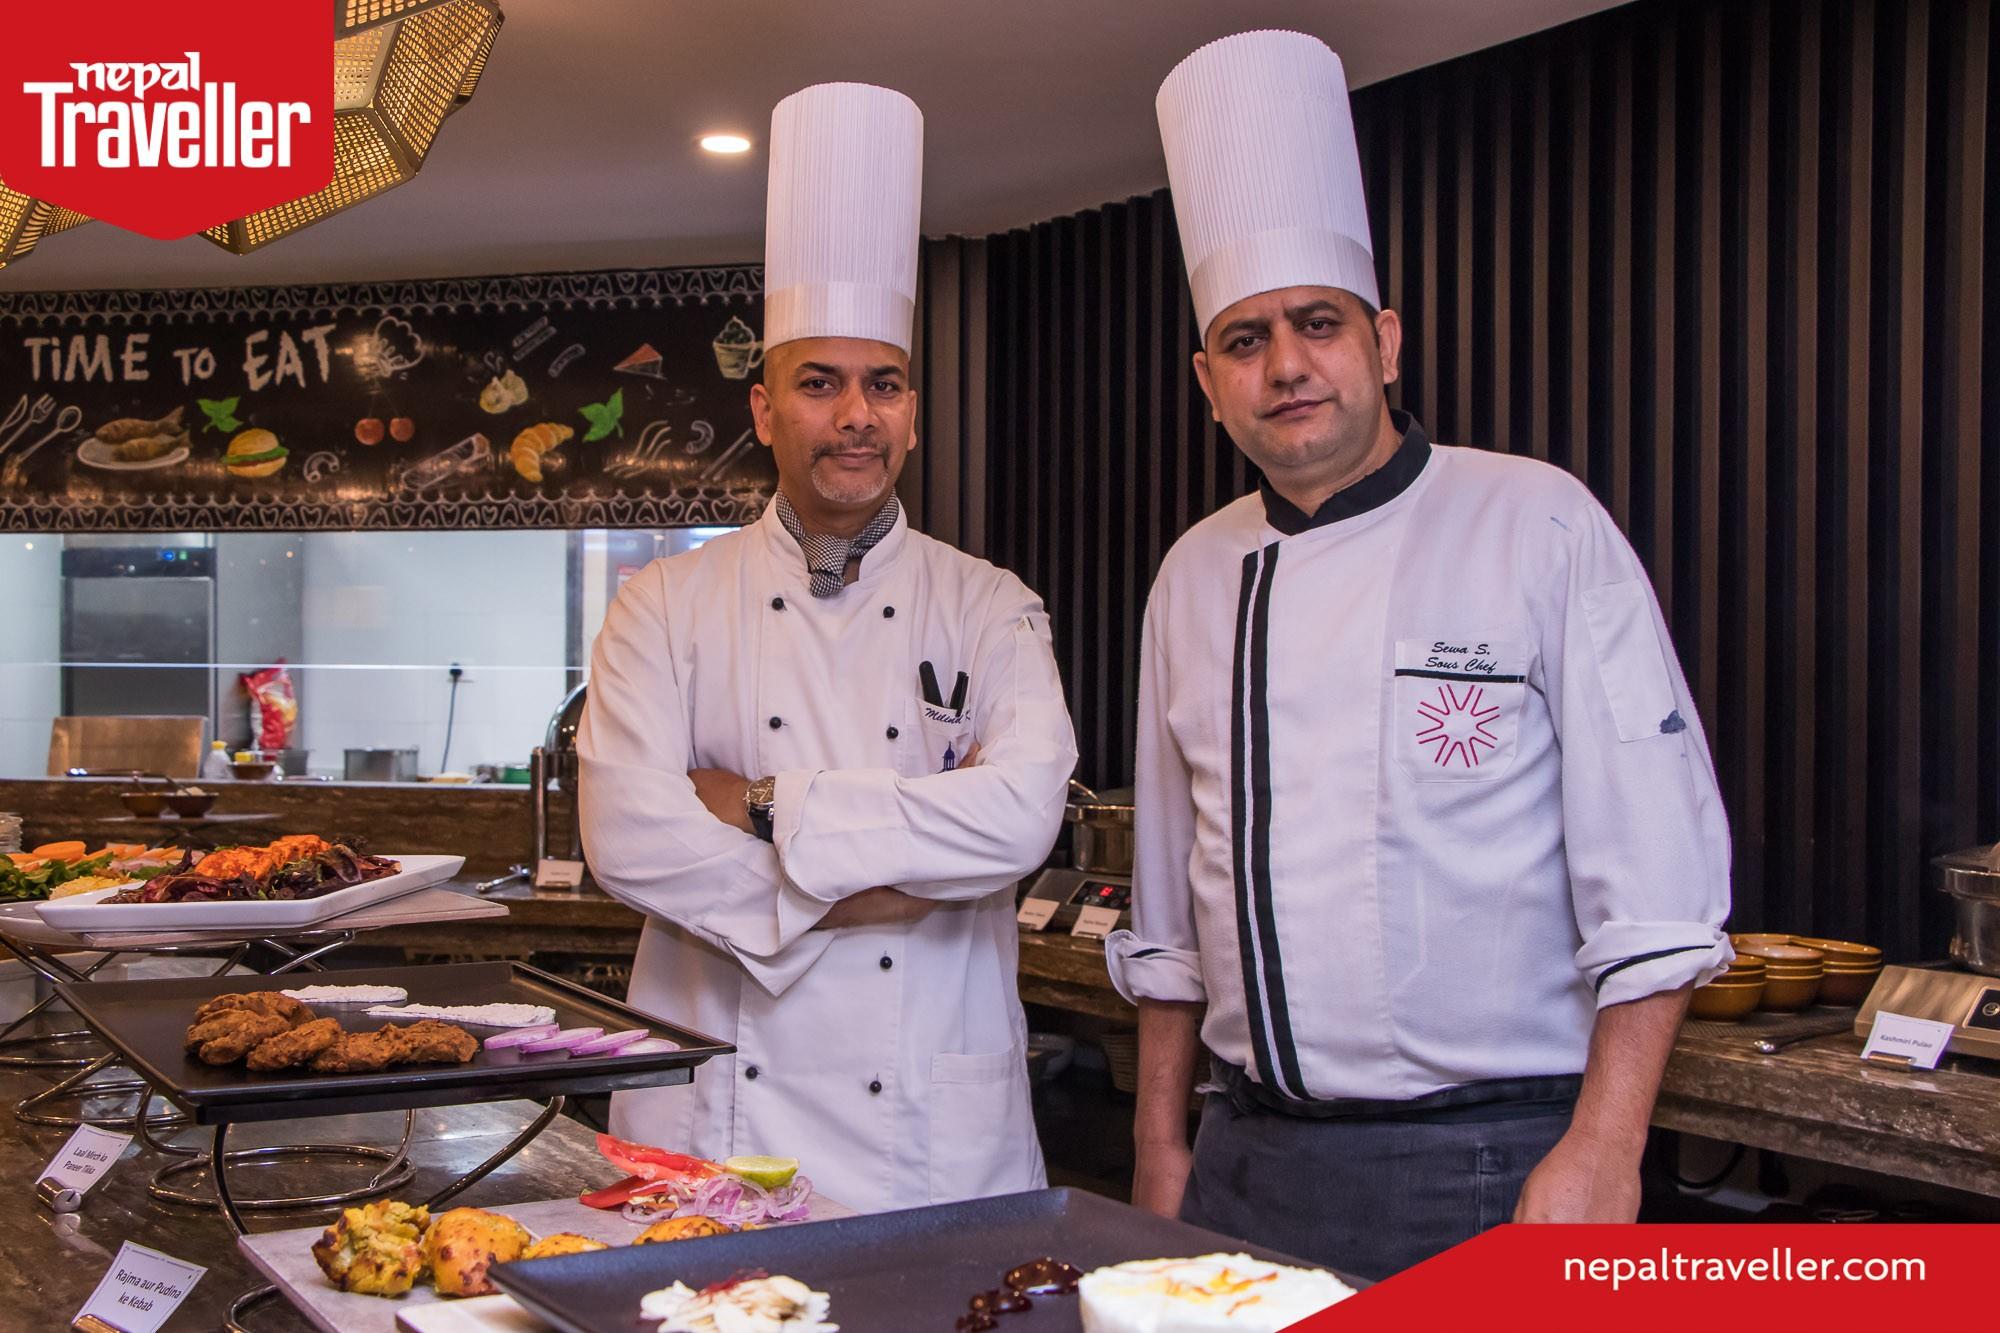 Chef's Vivanta